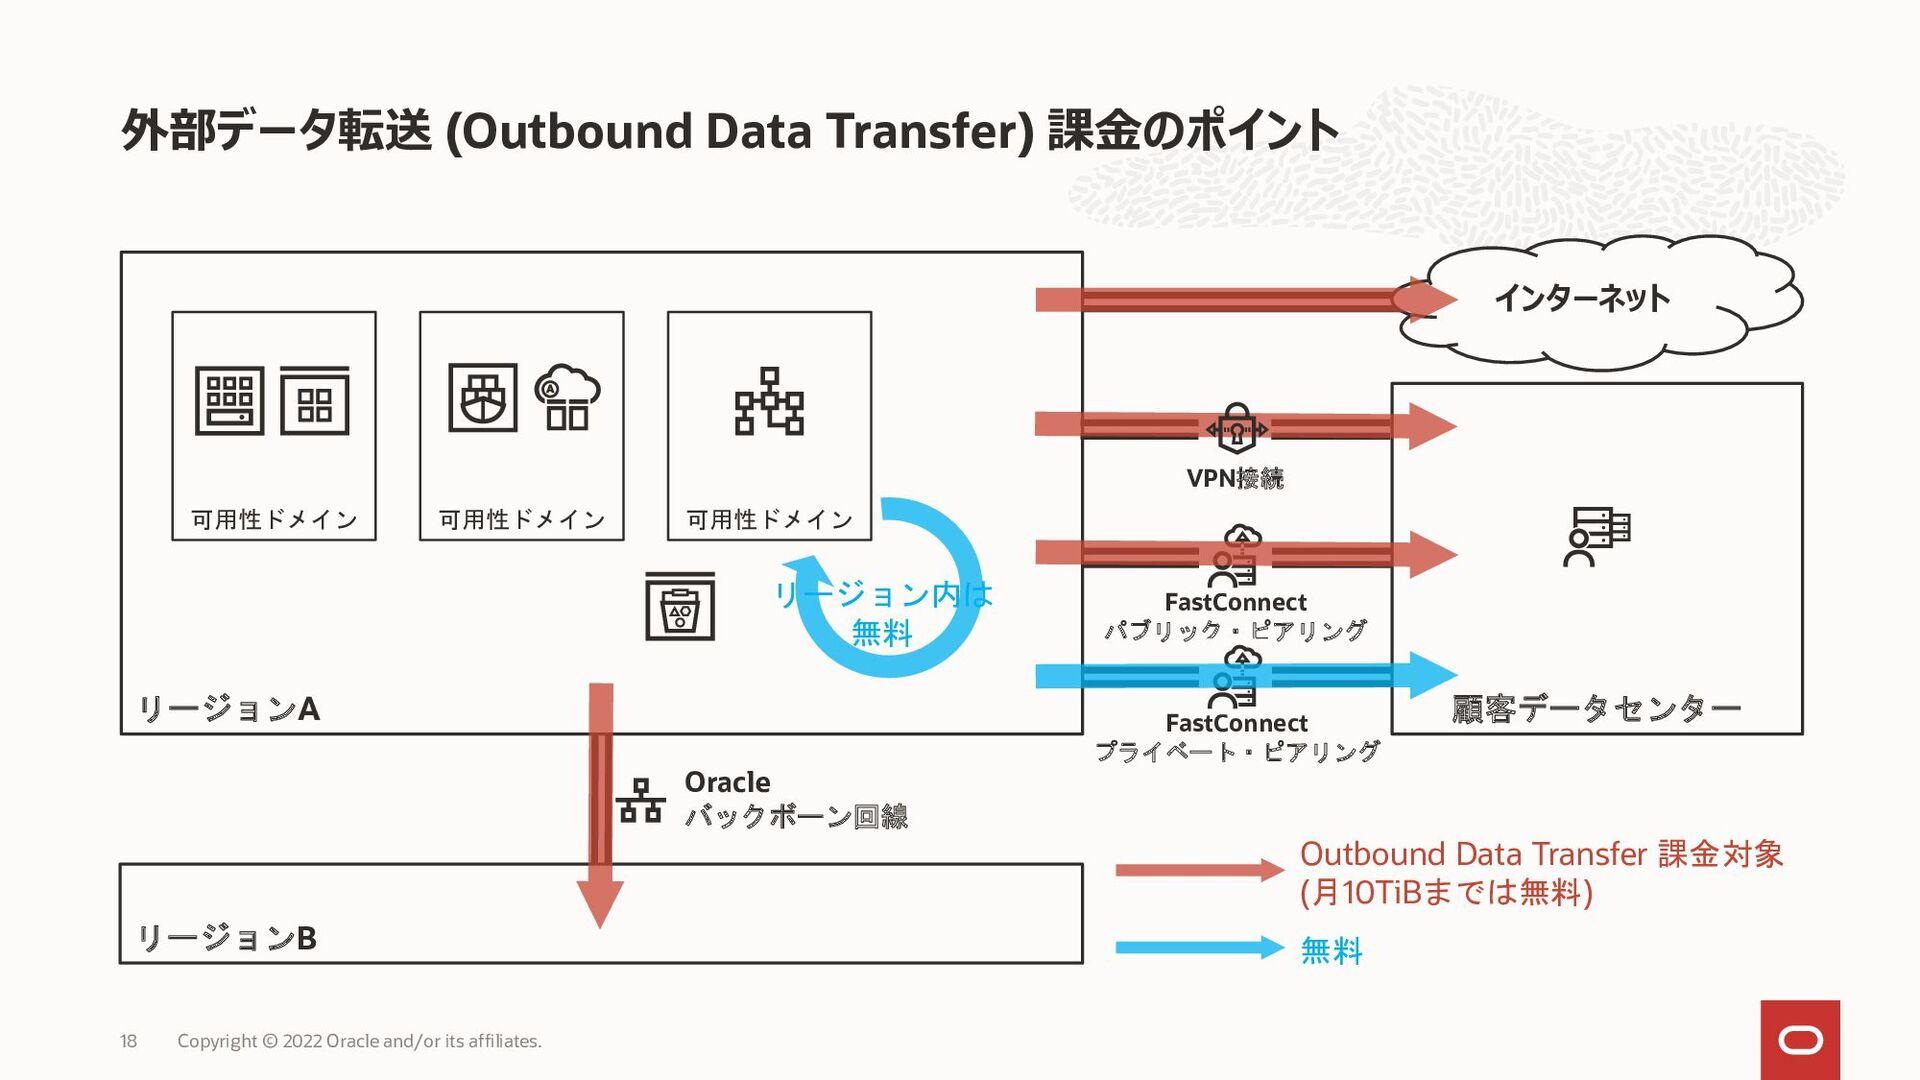 (Outbound Data Transfer) リージョンA リージョンB 可用性ドメイン ...